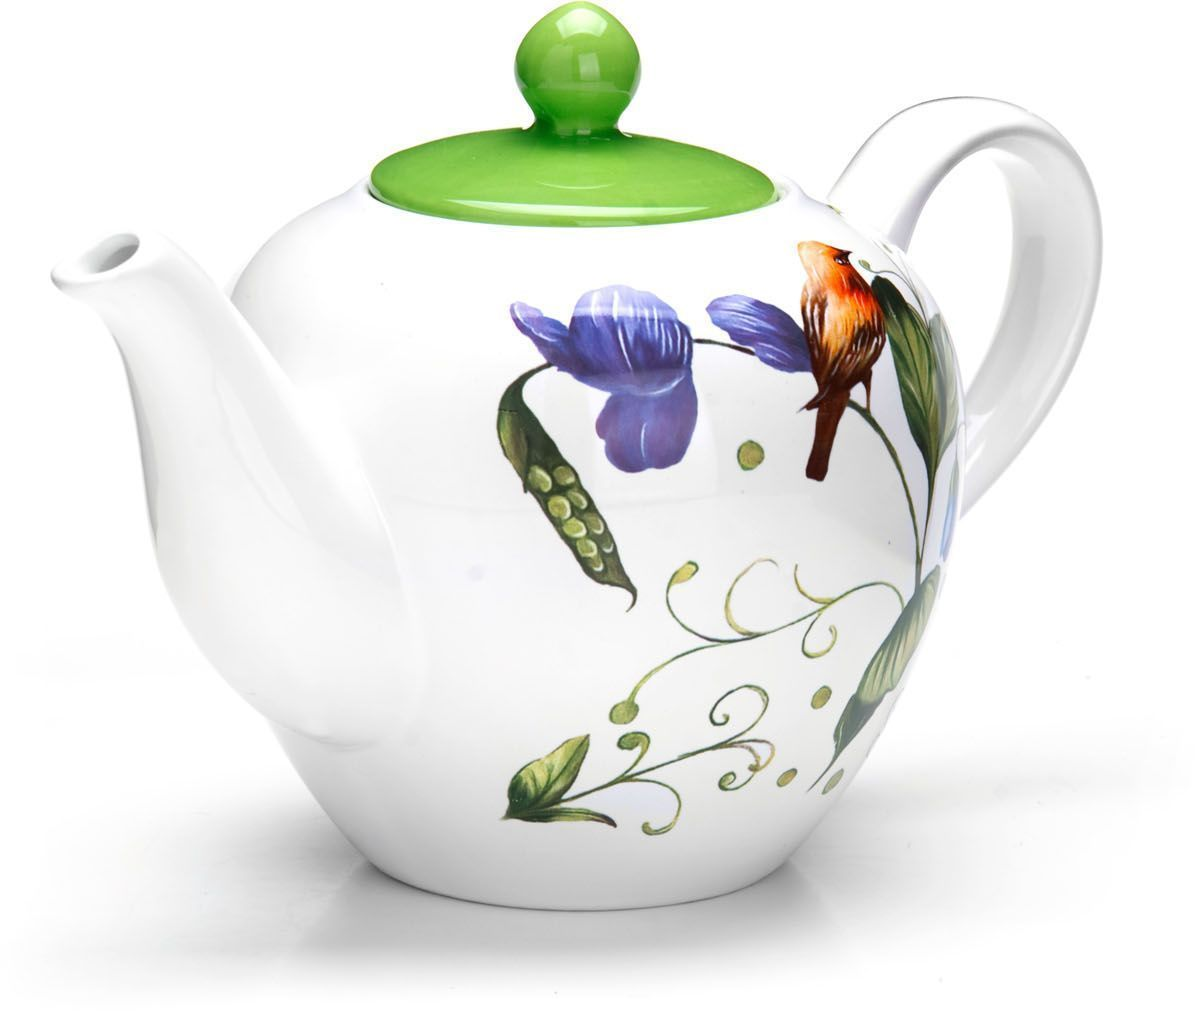 Заварочный чайник Loraine Птичка, 1,2 л68/5/3Заварочный чайник с крышкой Loraine поможет вам в приготовлении вкусного и ароматного чая, а также станет украшением вашей кухни. Он изготовлен из доломитовой керамики и оформлен красочным изображением. Нежный рисунок придает чайнику особый шарм, чайник удобен в использовании и понравится каждому.Такой заварочный чайник станет приятным и практичным подарком на любой праздник.Подходит для мытья в посудомоечной машине.